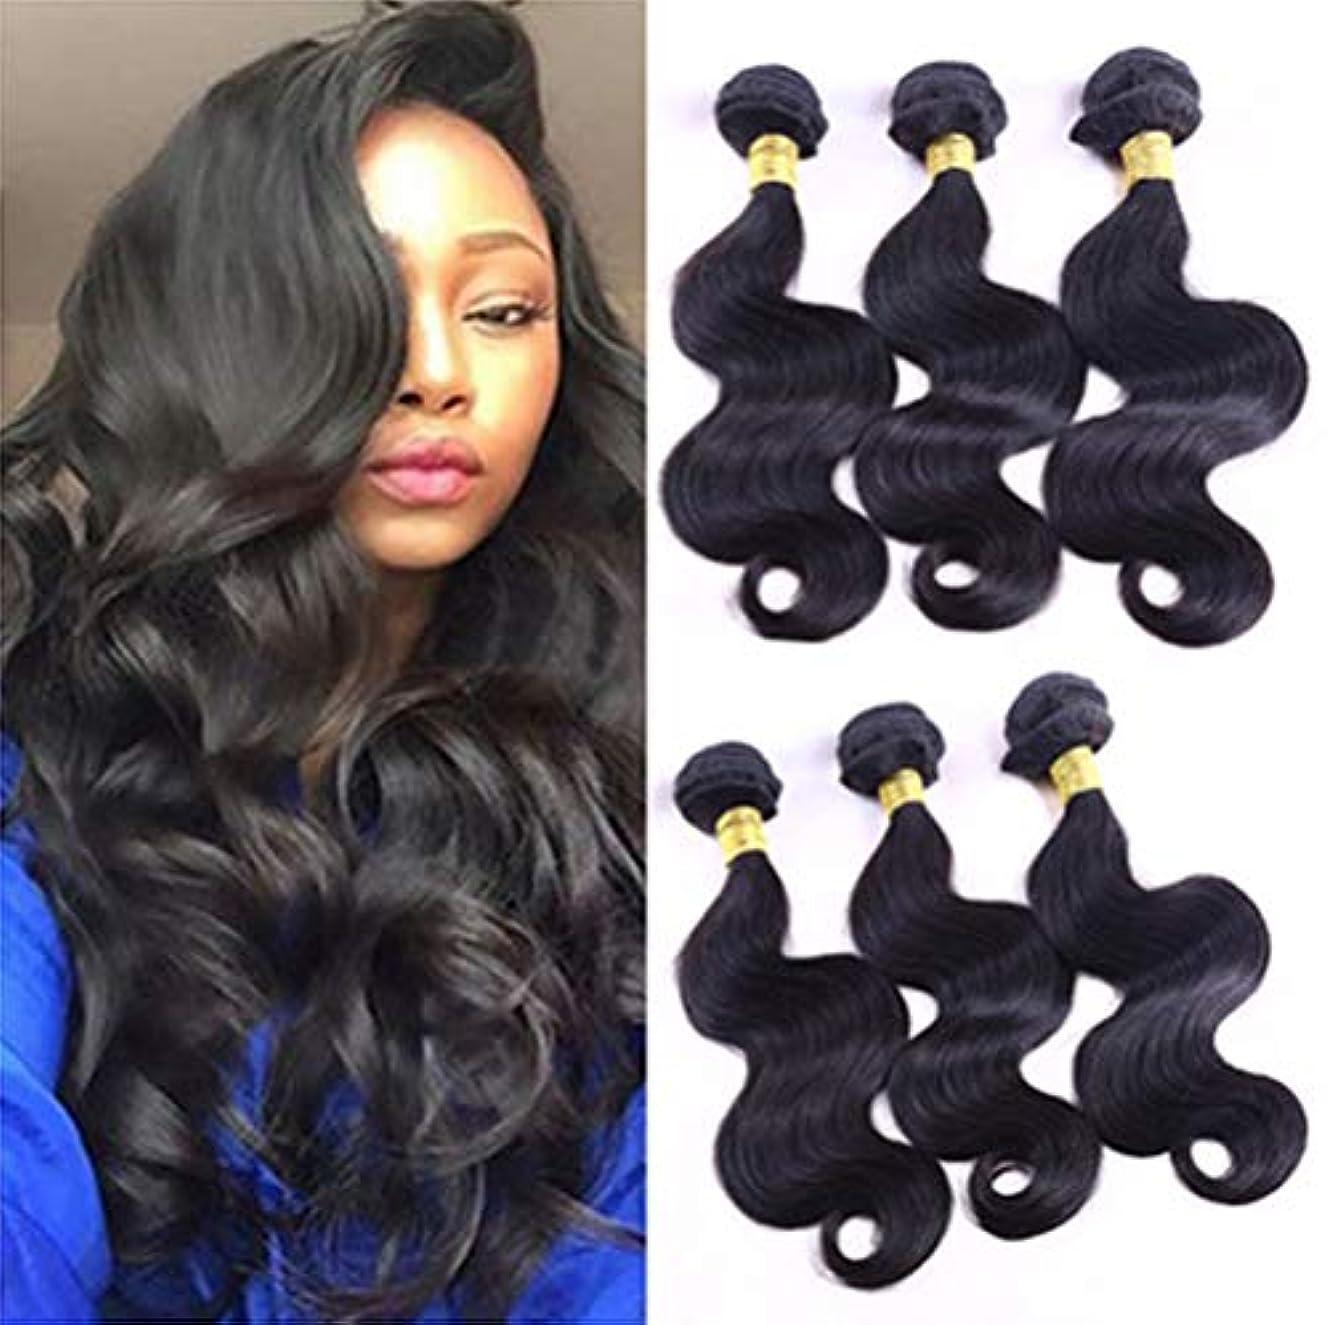 シンポジウム出力雑品女性の髪織り密度150%ブラジル髪バンドル実体波バージンヘアバンドル実体波人間の髪の毛